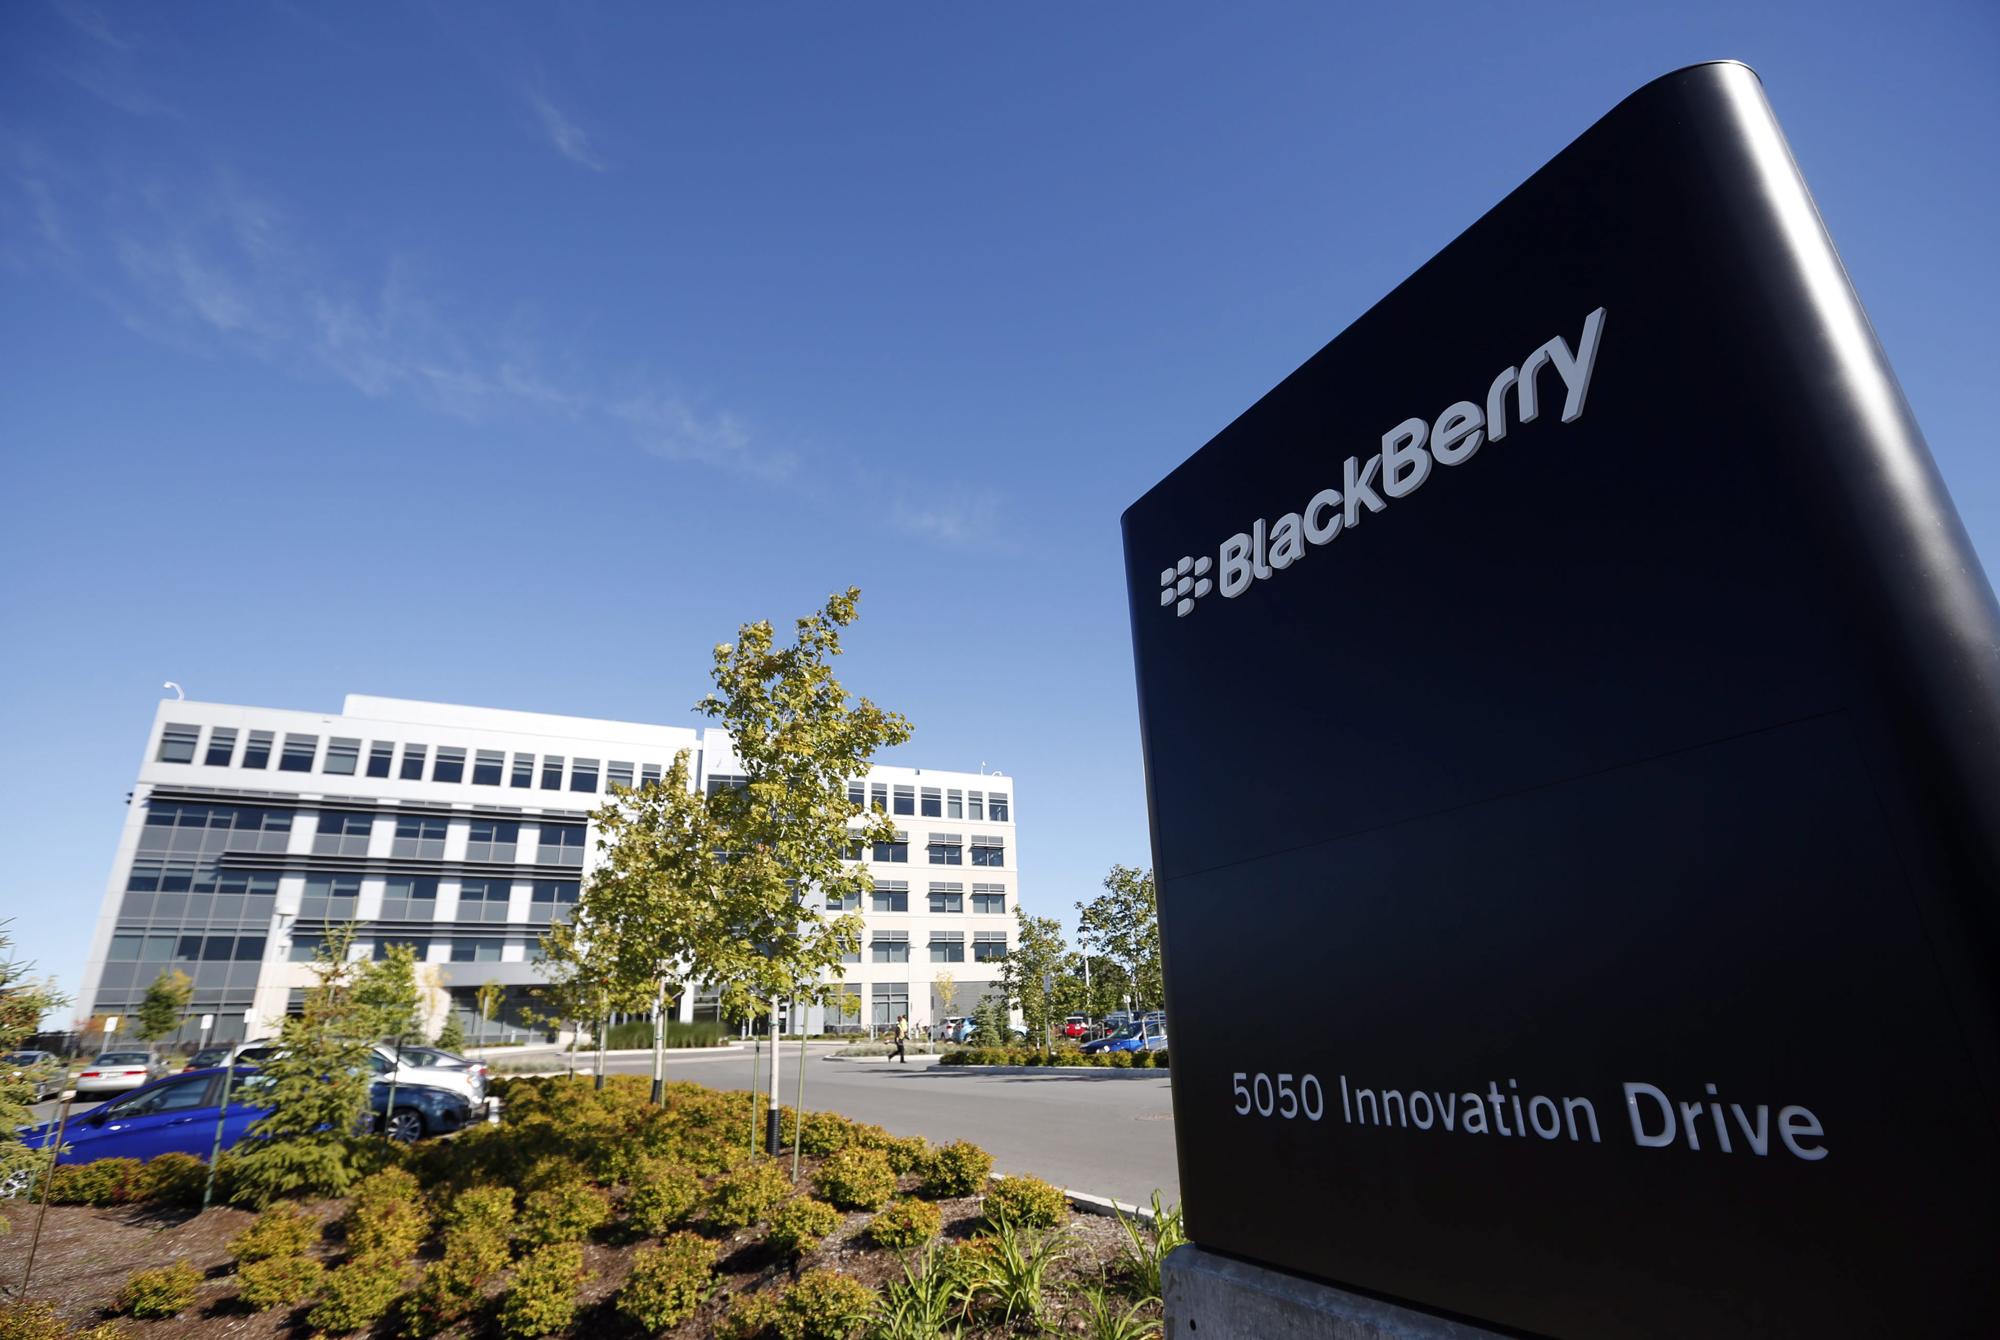 BlackBerry-ի զուտ վնասի չափը 19 անգամ նվազել է